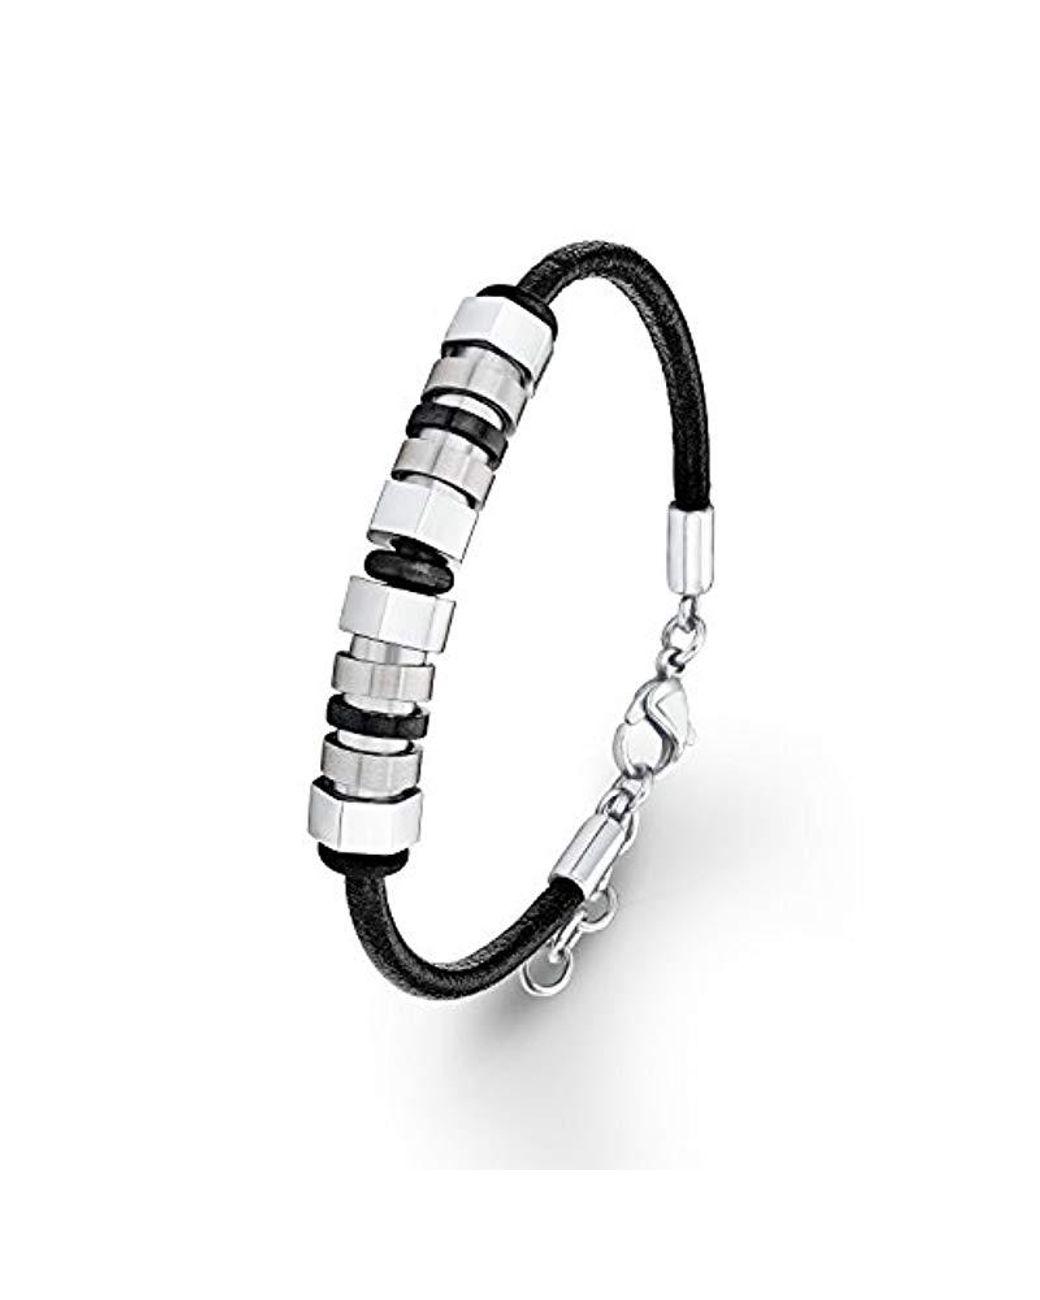 Sortenstile von 2019 tolle Passform outlet S. Oliver Herren-Armband Lederarmband Edelstahl Leder 21 cm in schwarz